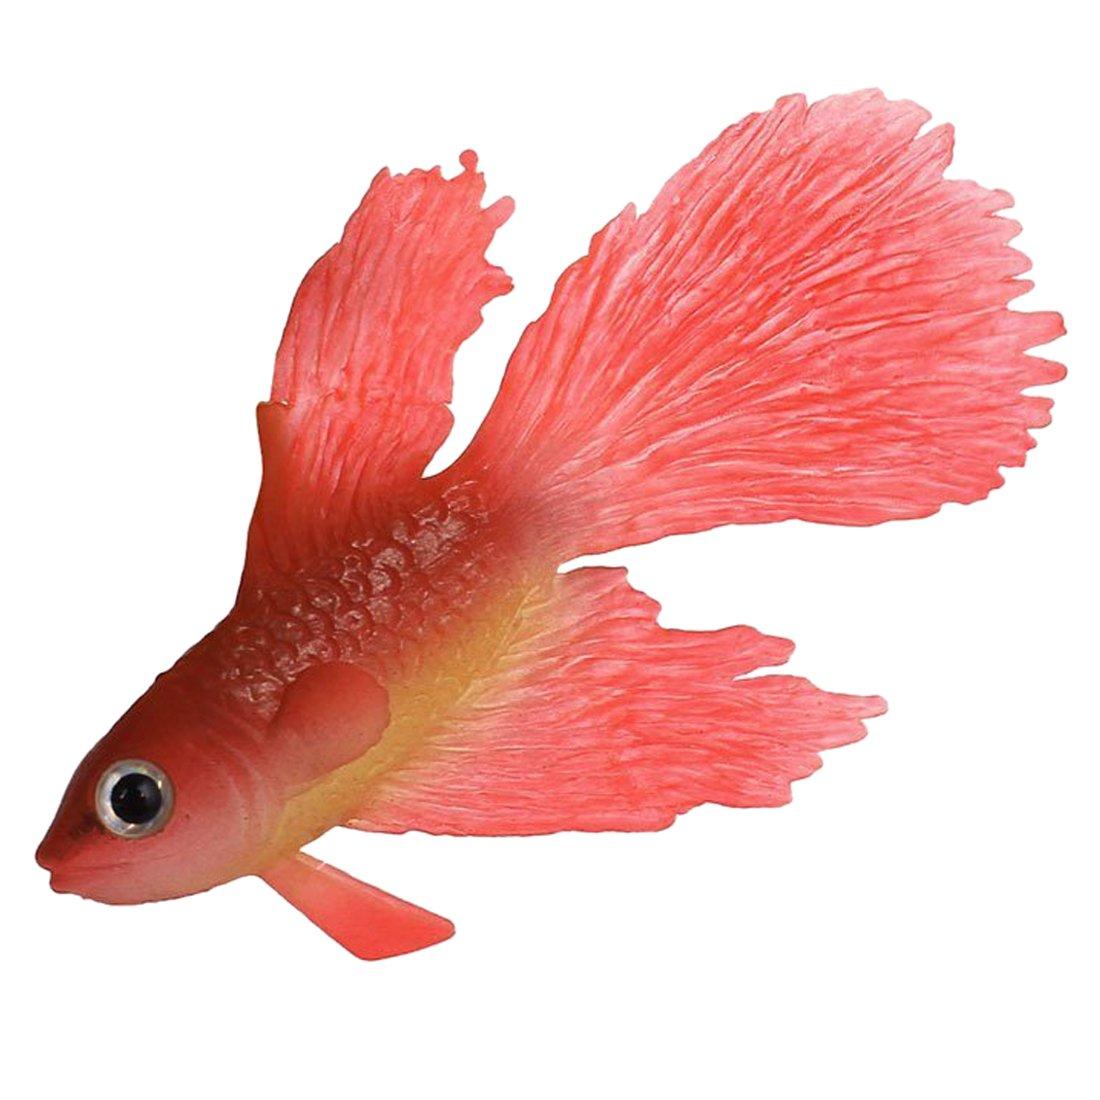 Peces artificiales - TOOGOO(R)Ornamento de peces artificiales de simulacion de ventosa de acuario de silicona Rojo: Amazon.es: Hogar